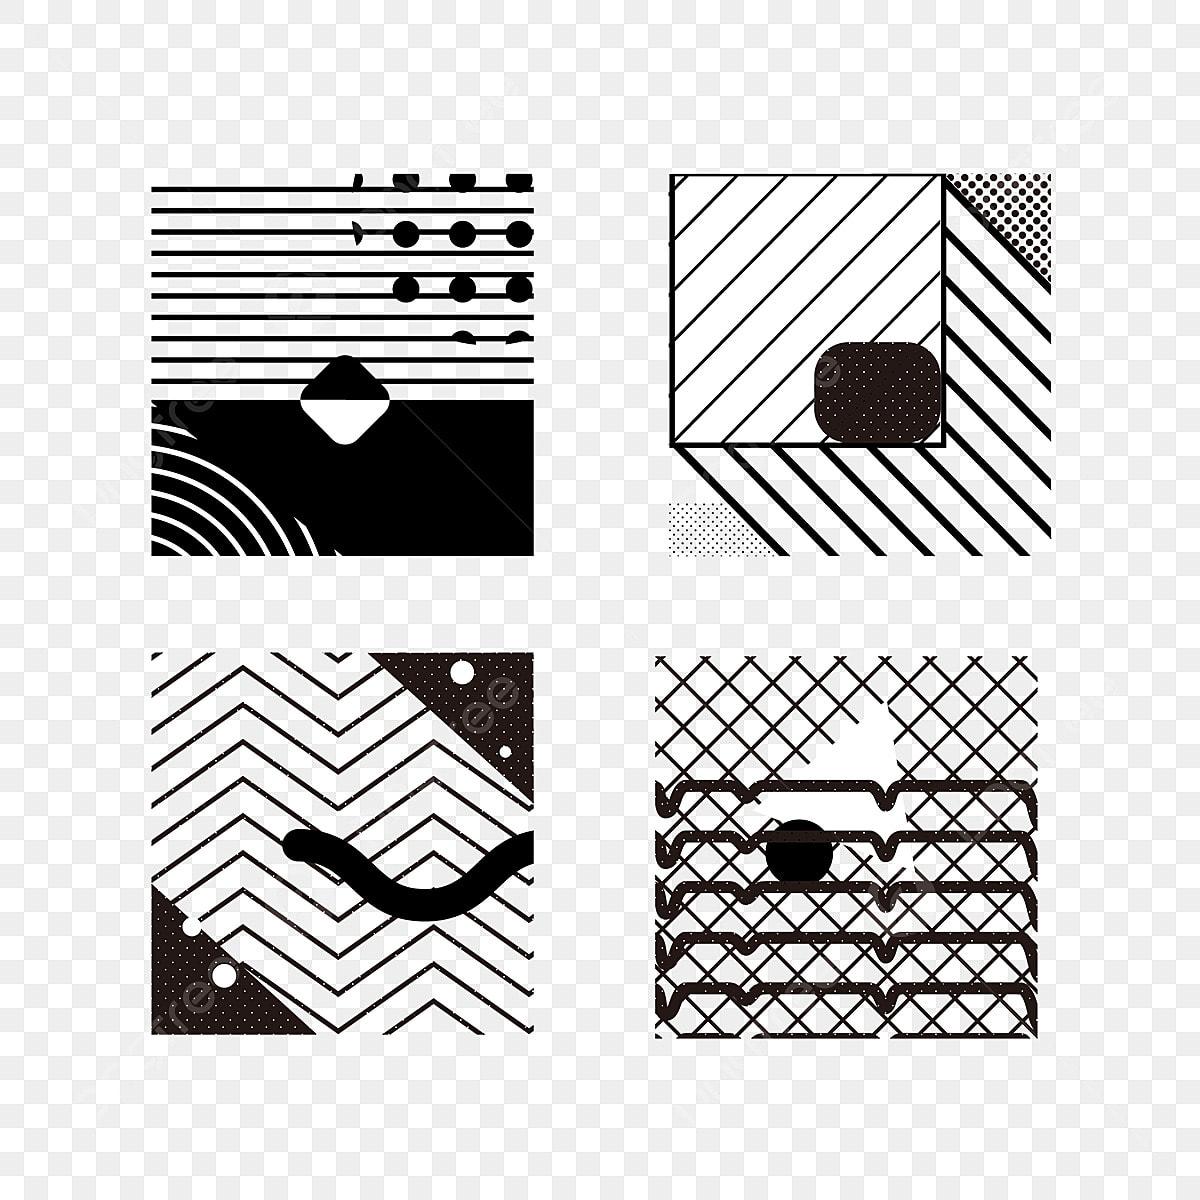 ممفيس خط الرسومات التجارية العناصر الزخرفية عناصر التصميم الأصلي اي عنصر Png والمتجهات للتحميل مجانا